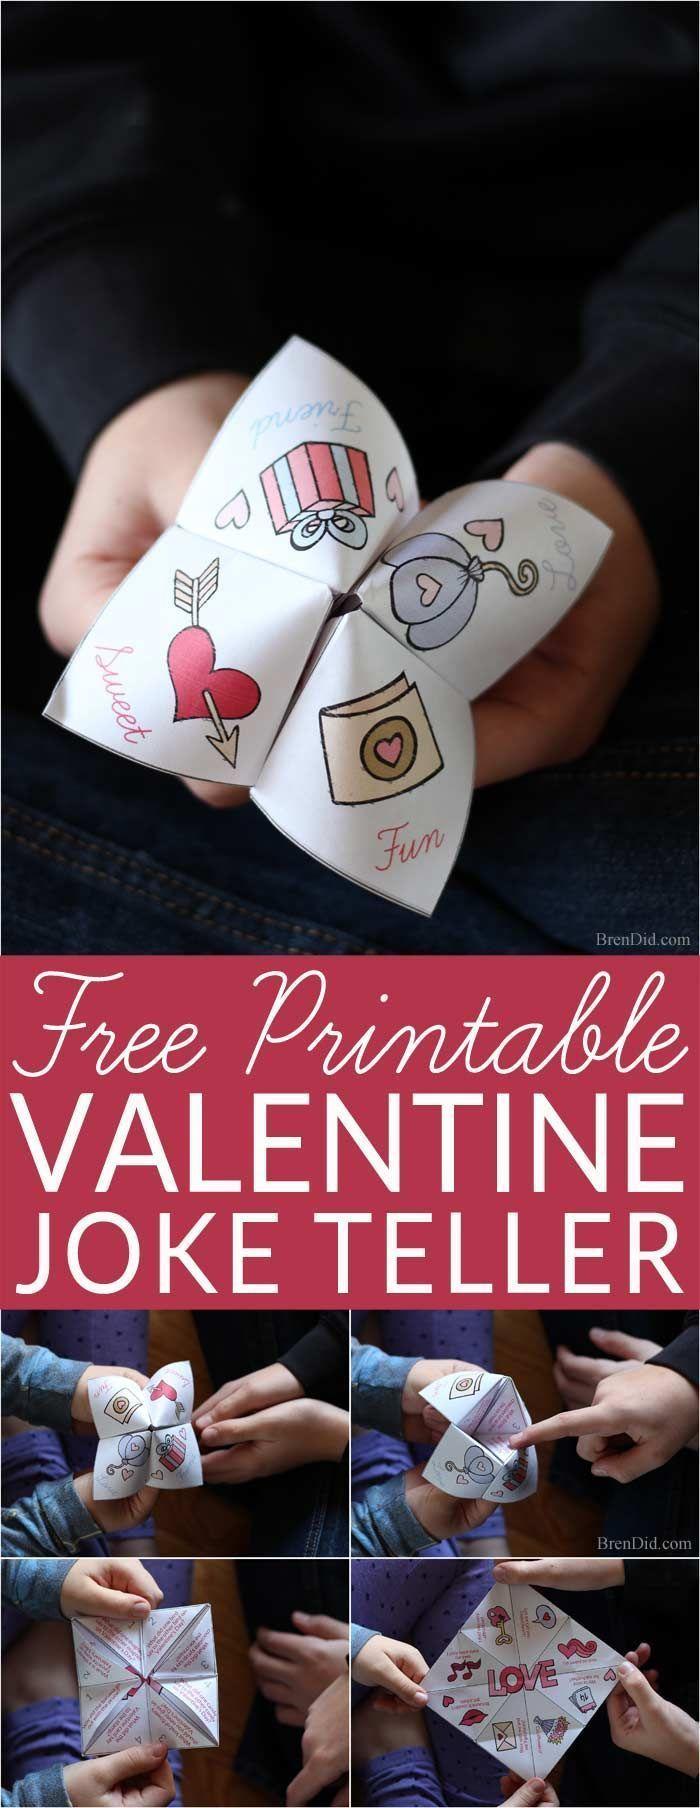 Silly Valentine Joke Teller for Kids